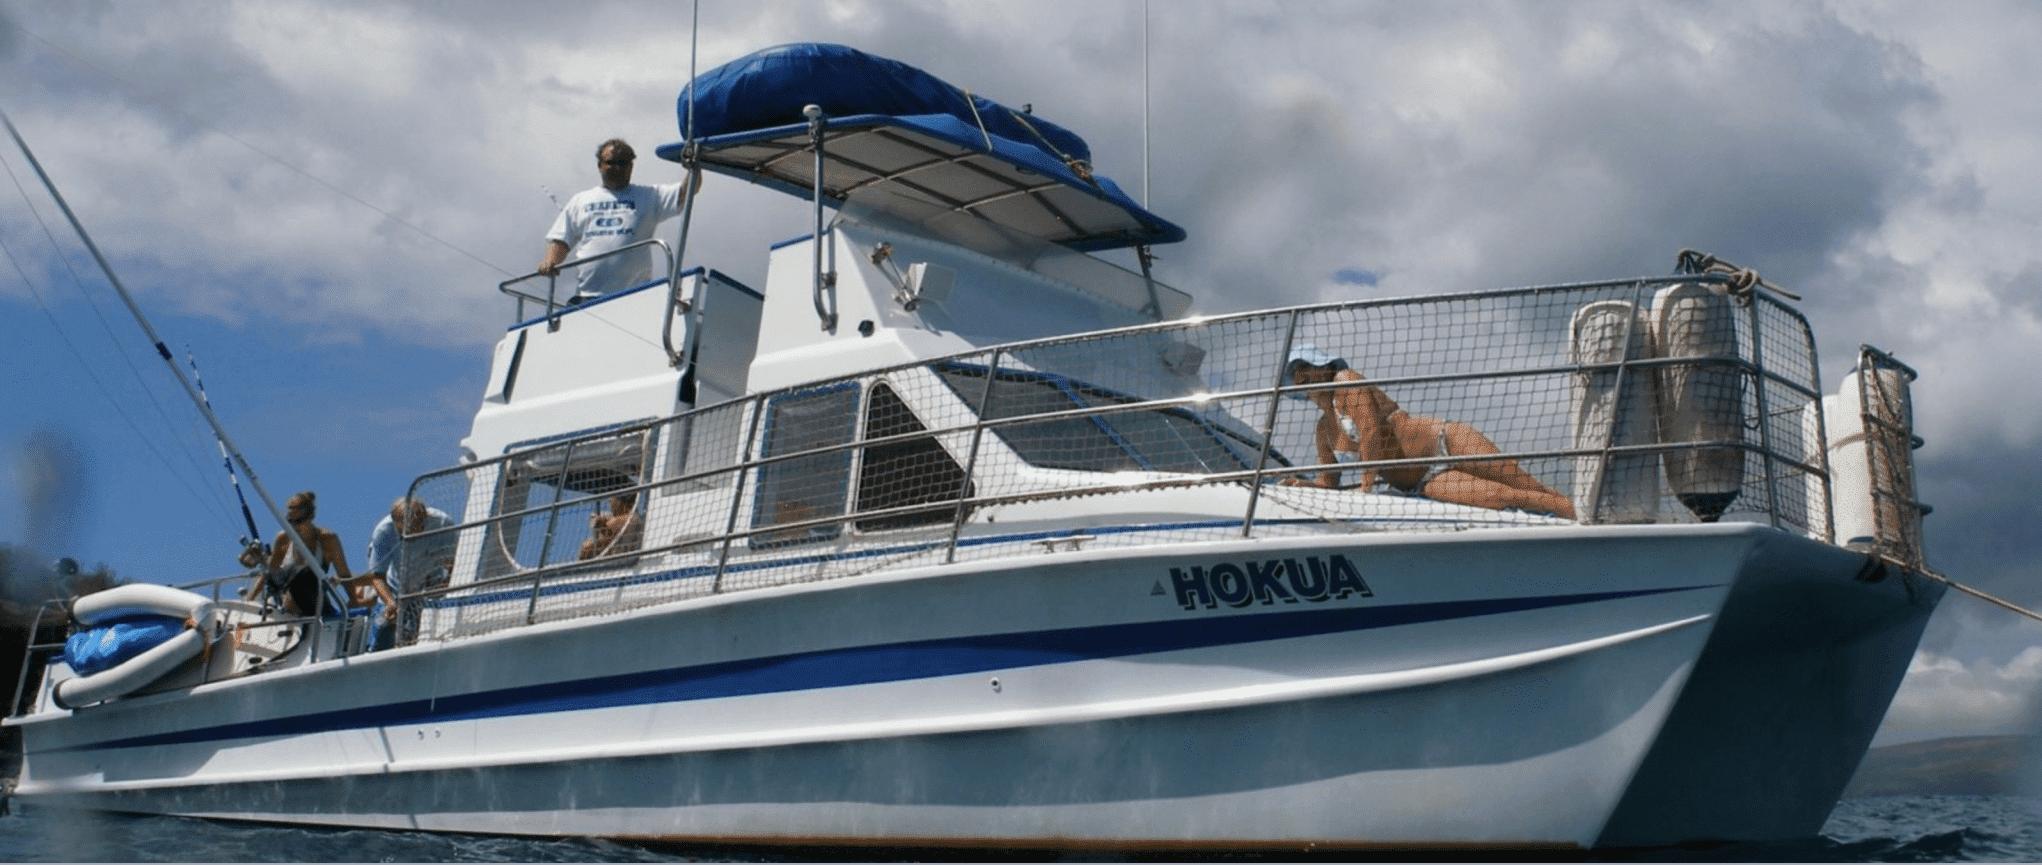 aloha blue charters banner